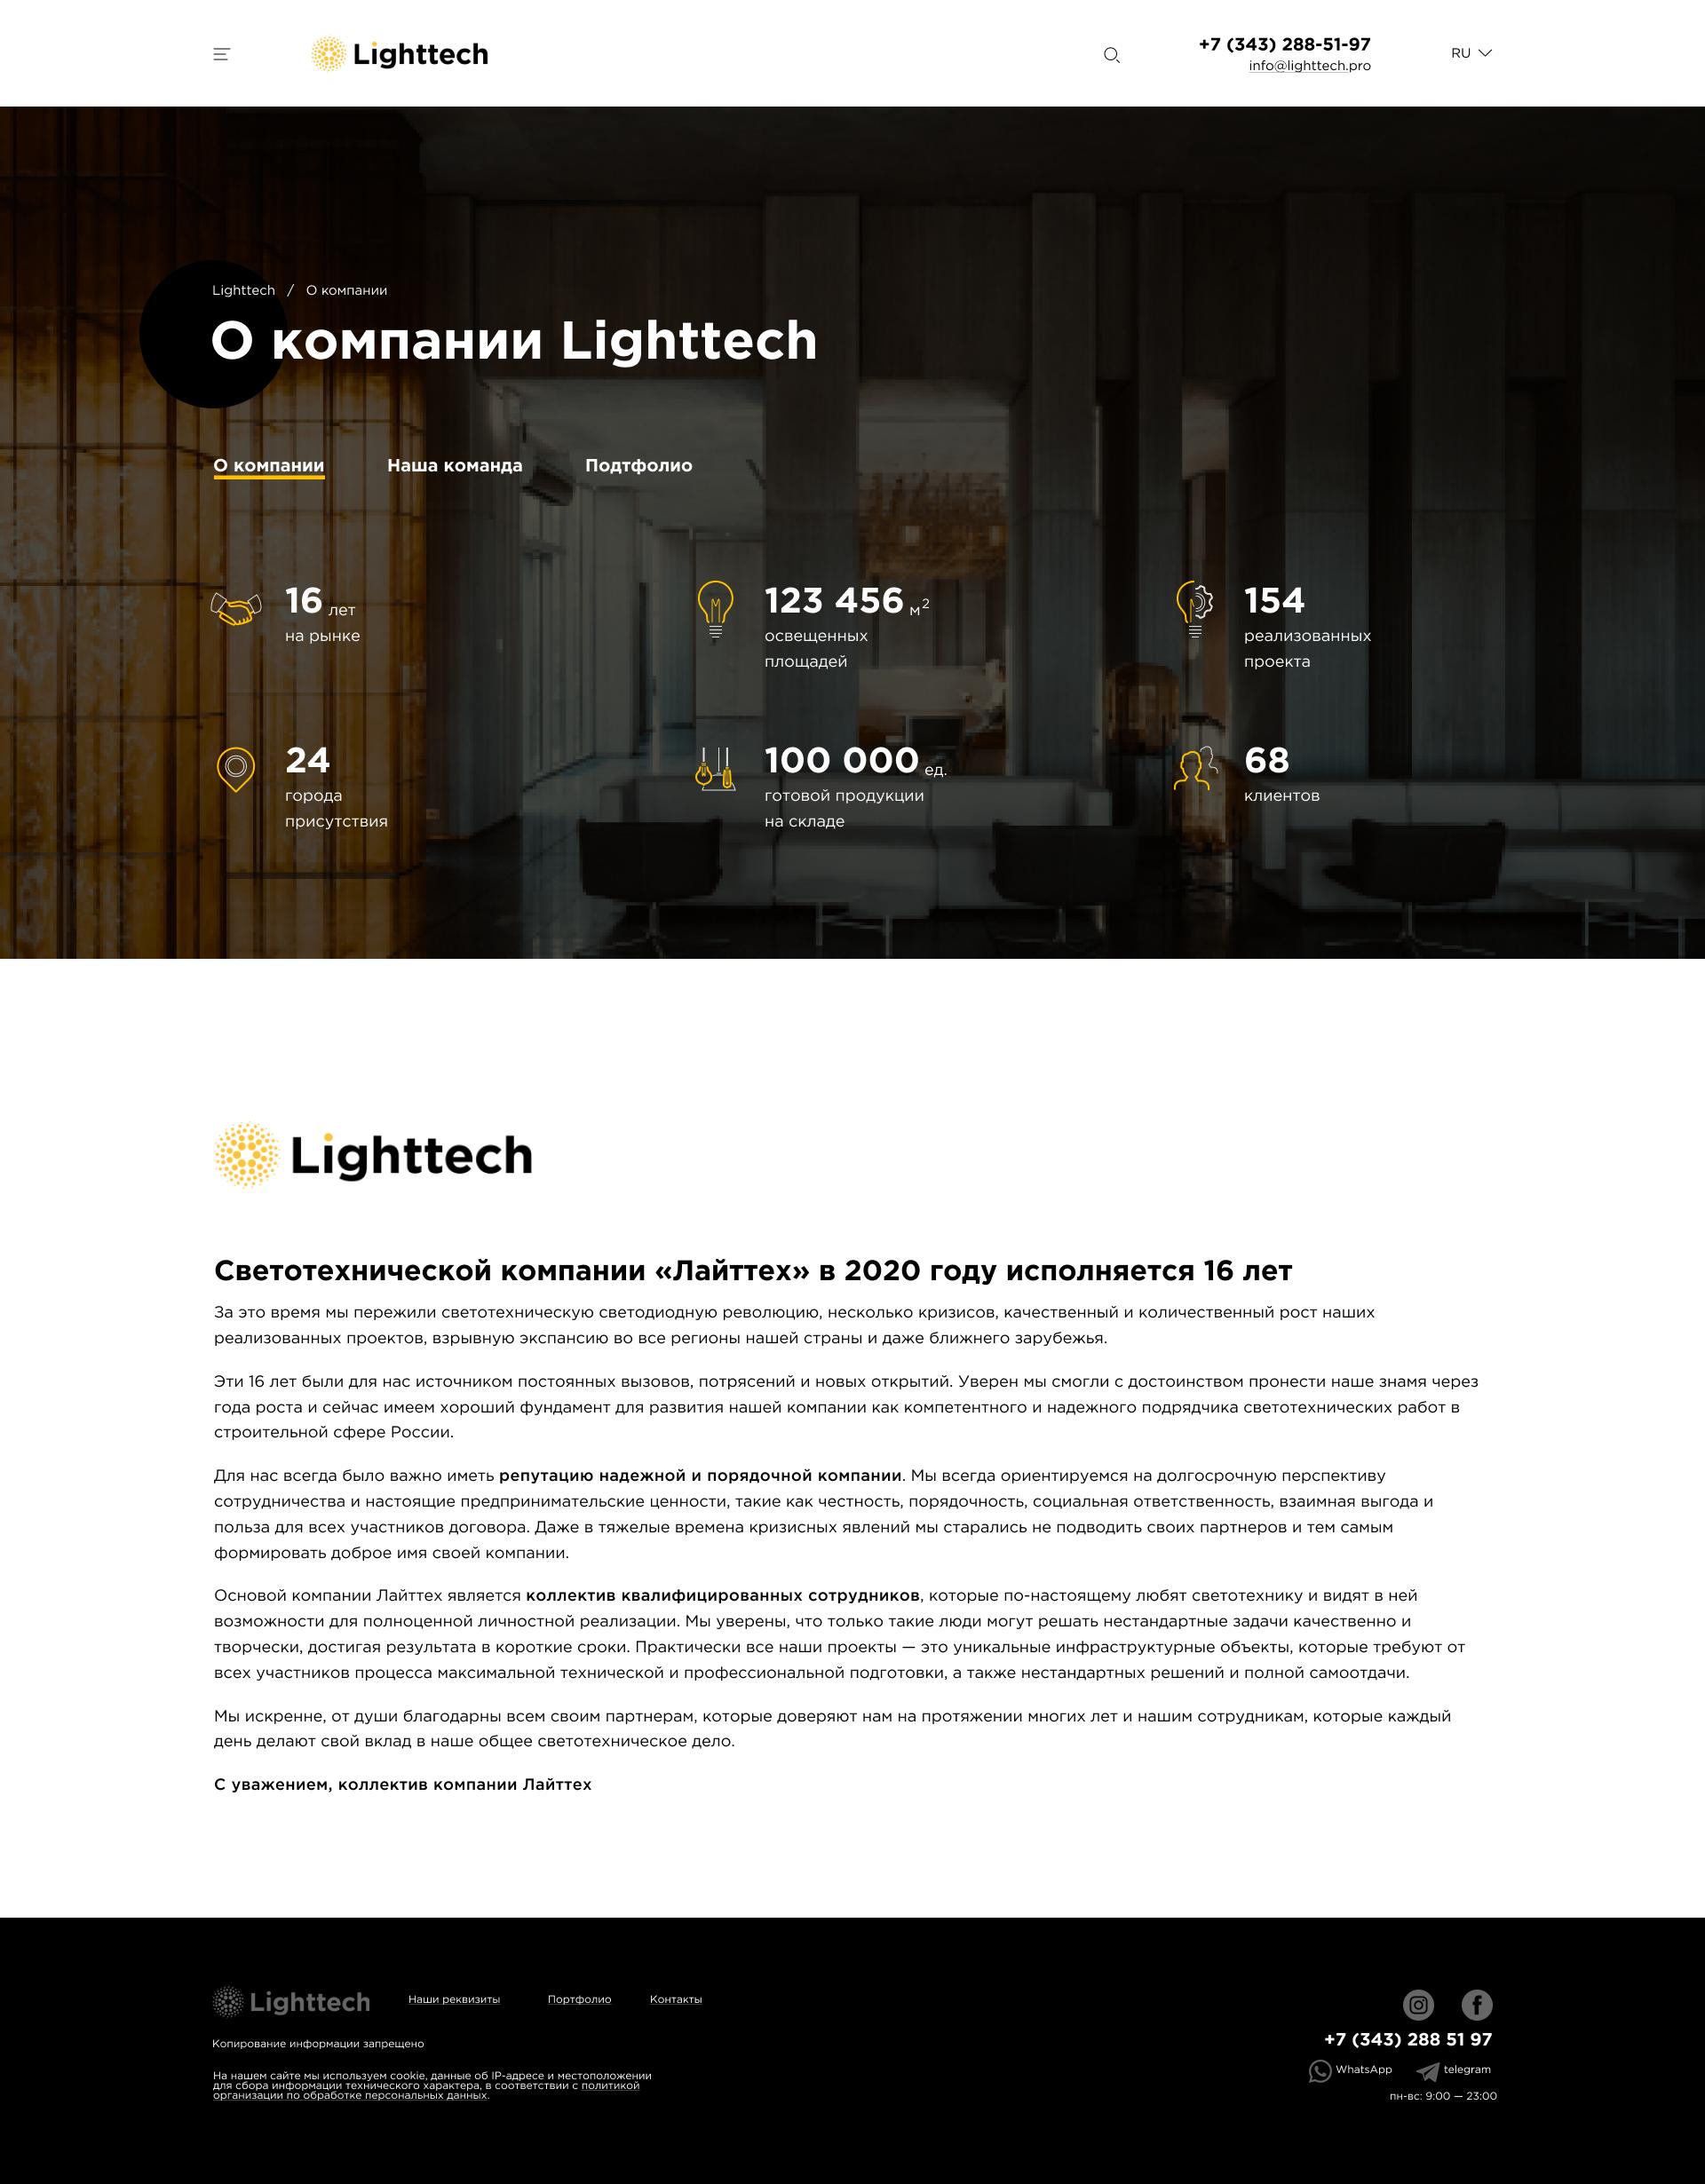 lighttech_about.png